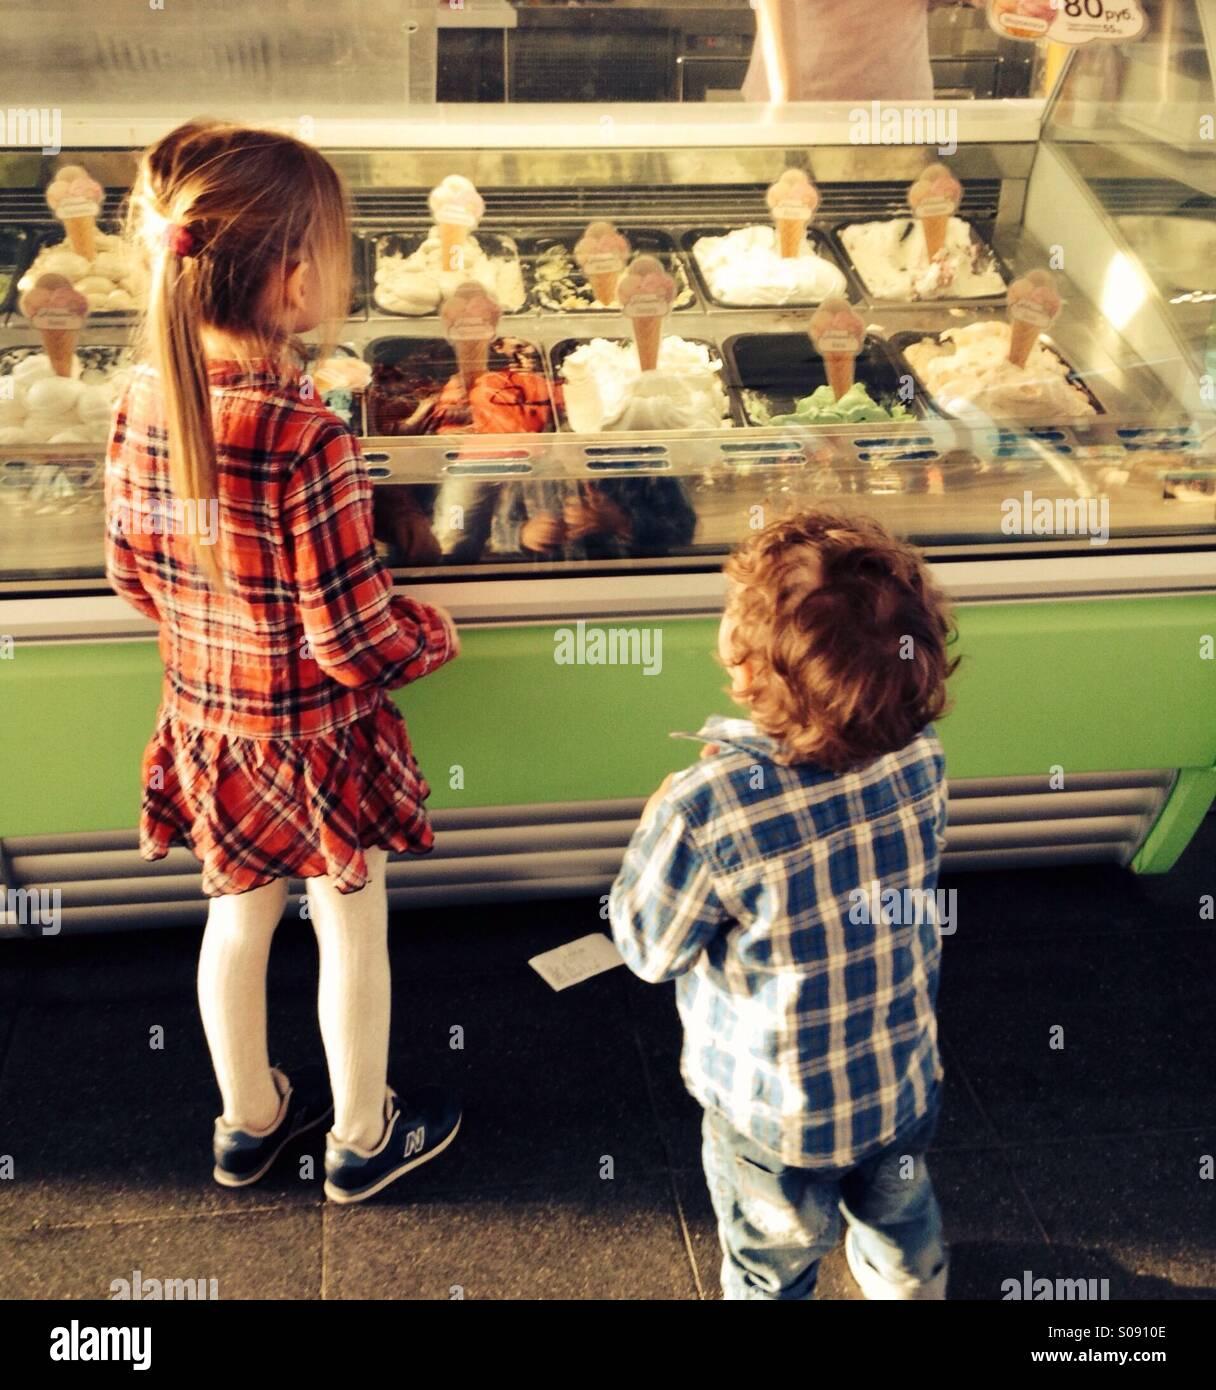 Los niños elegir helado Imagen De Stock